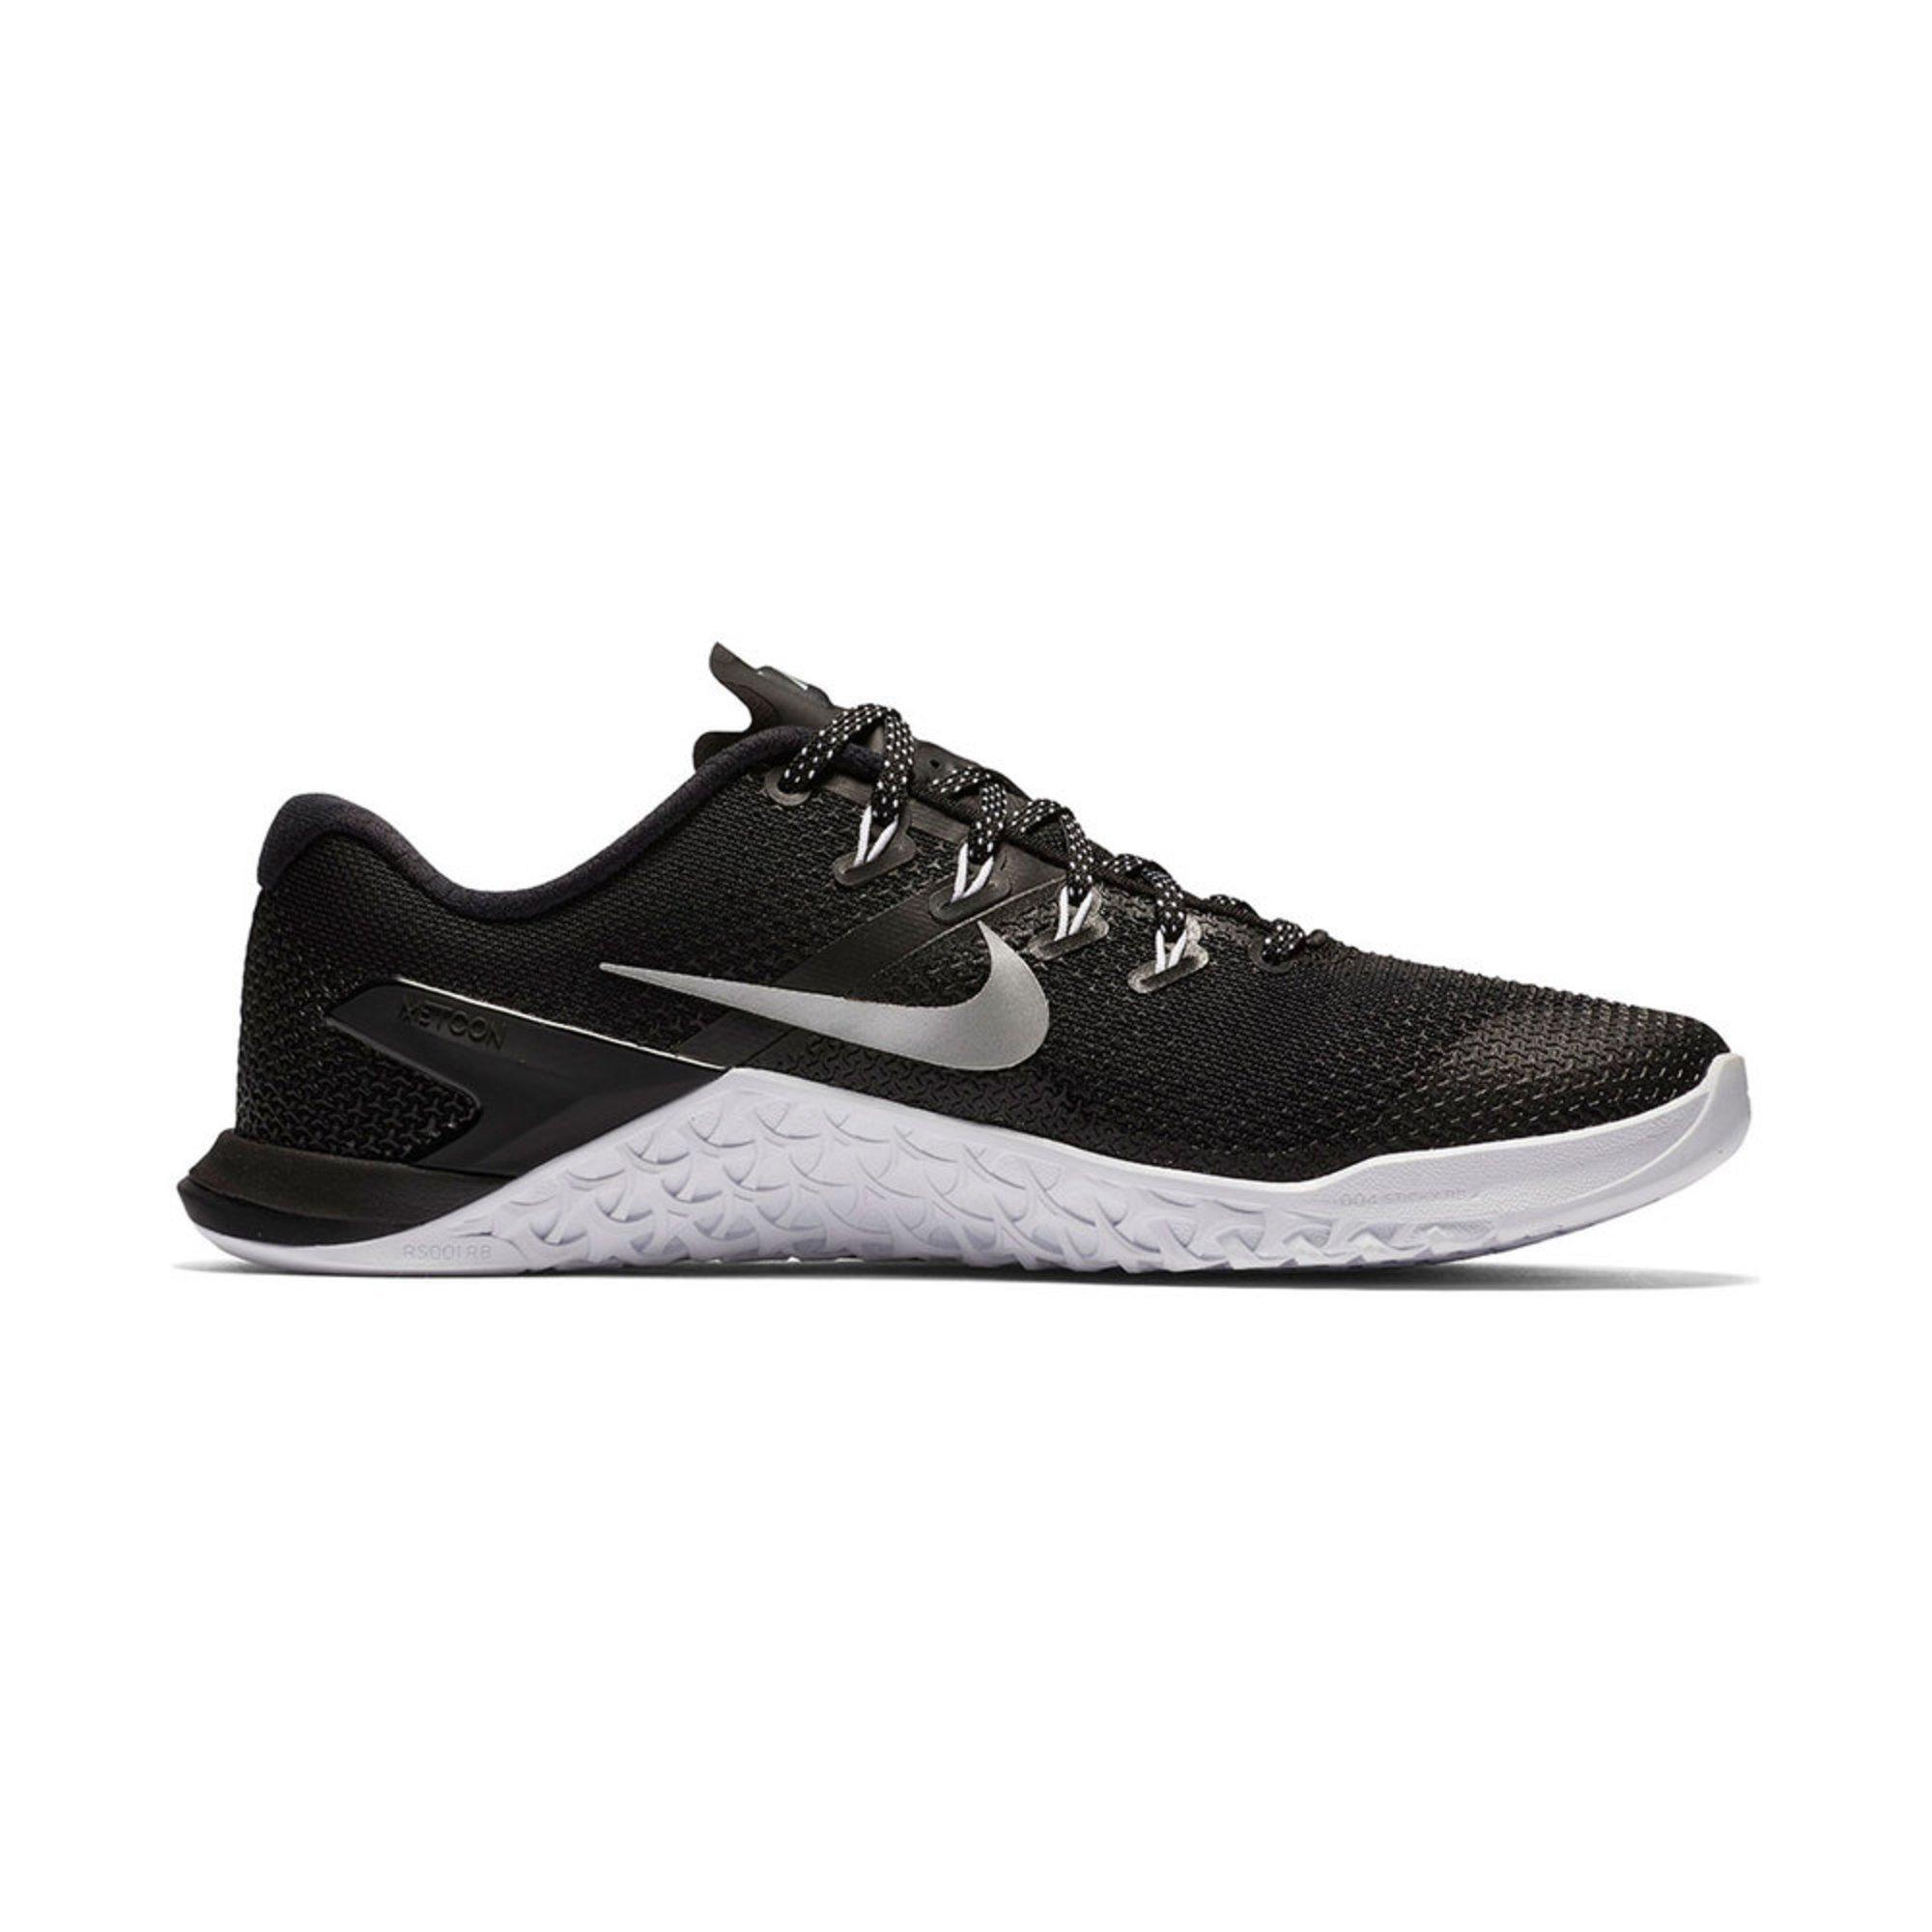 cdb577d3a990 Nike. Nike Women s Metcon 4 Training Shoe